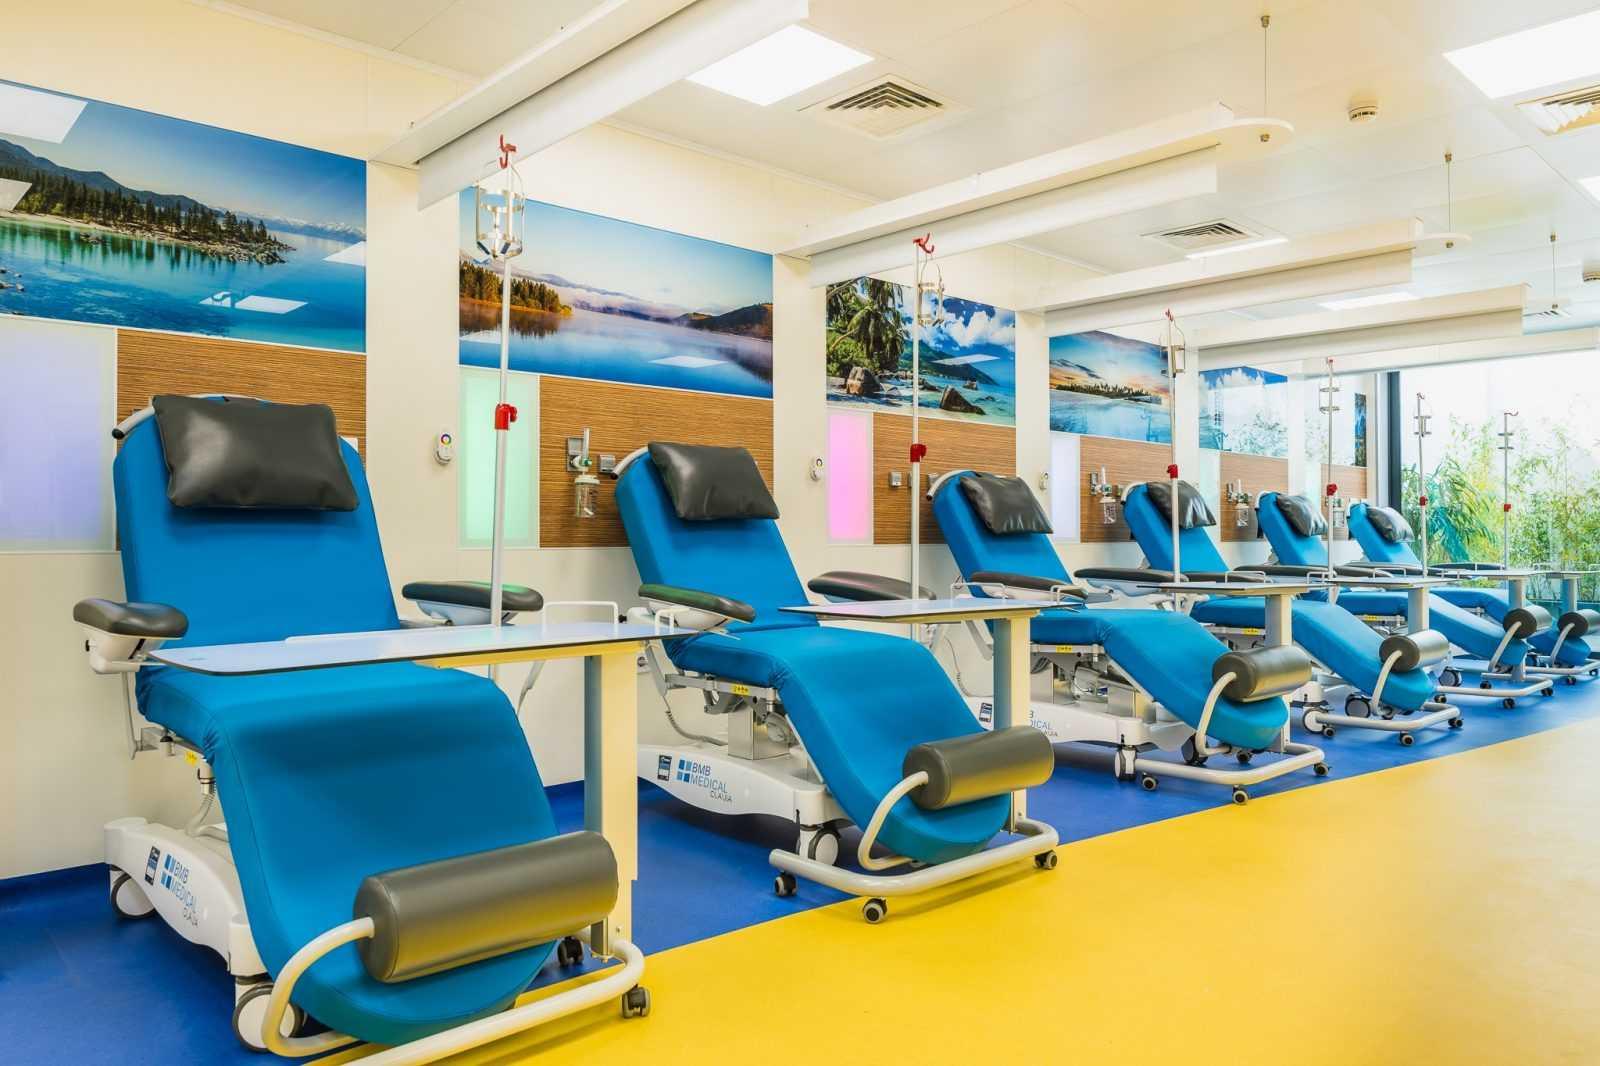 Hôpital du jour